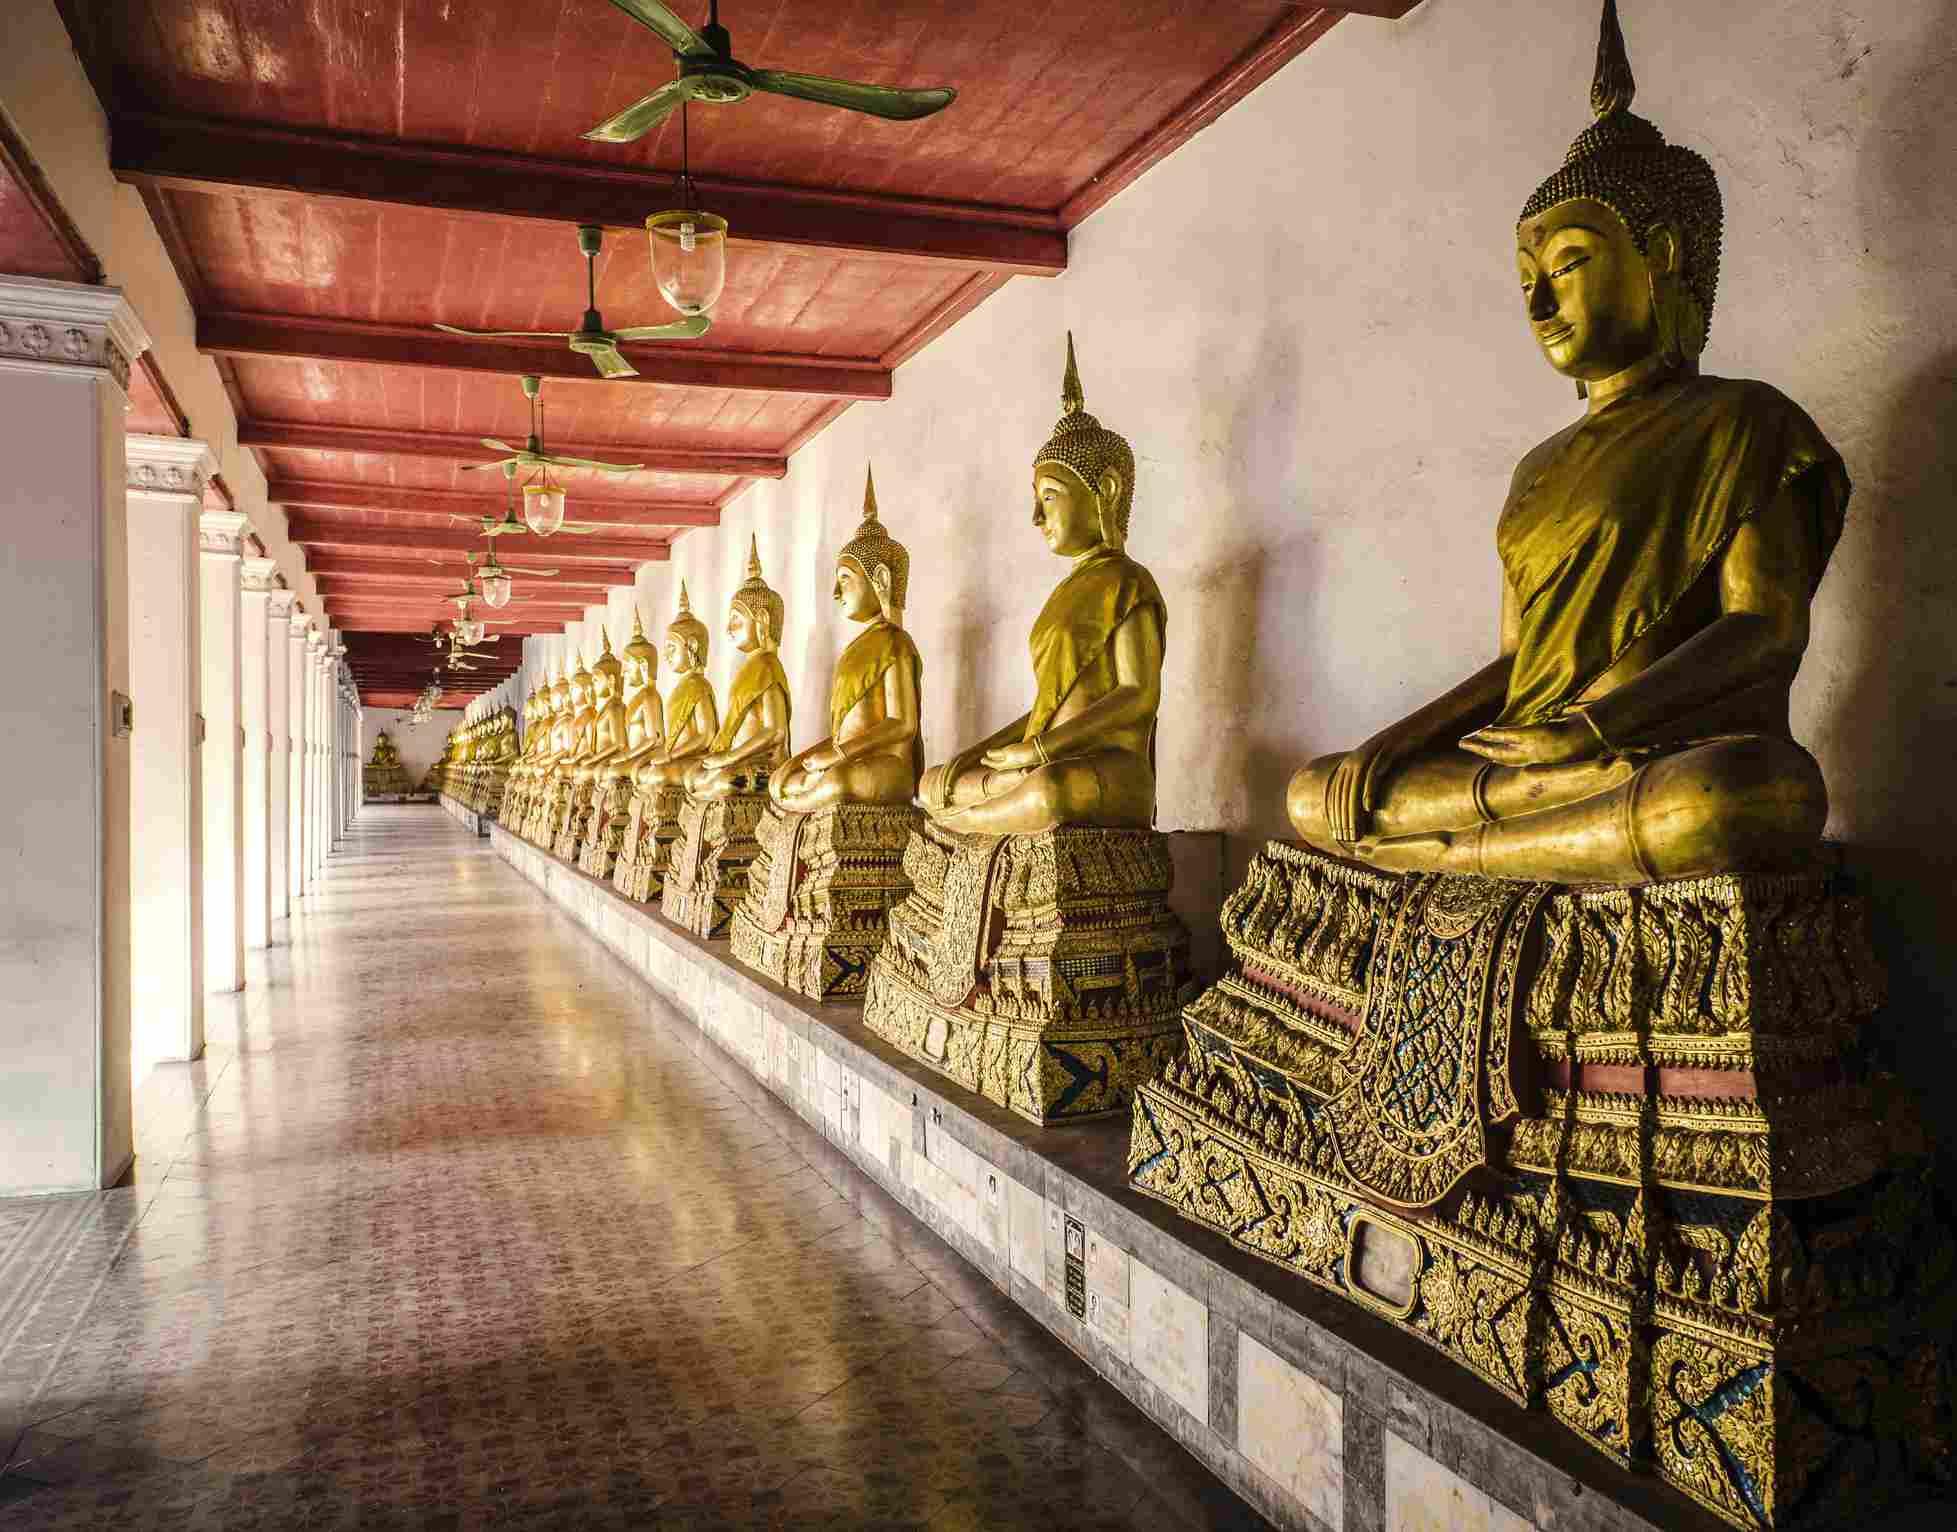 Buddha statues Wat Mahathat temple Bangkok, Thailand